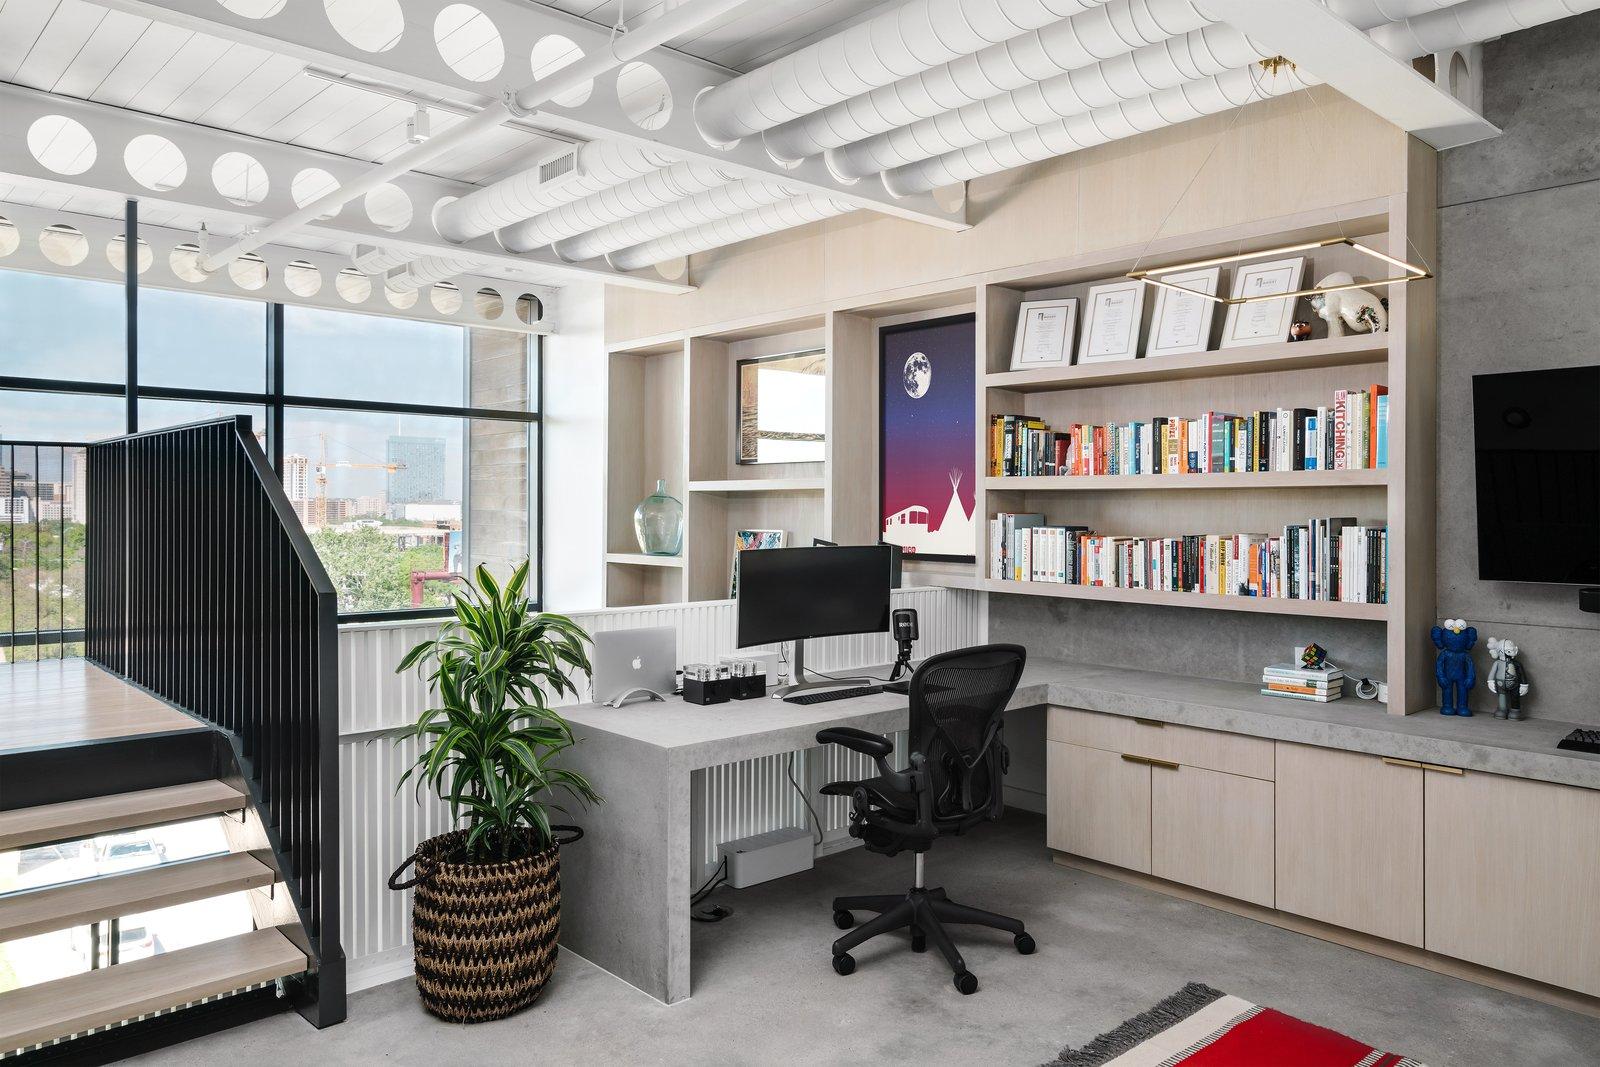 Before: Eva St. Loft office